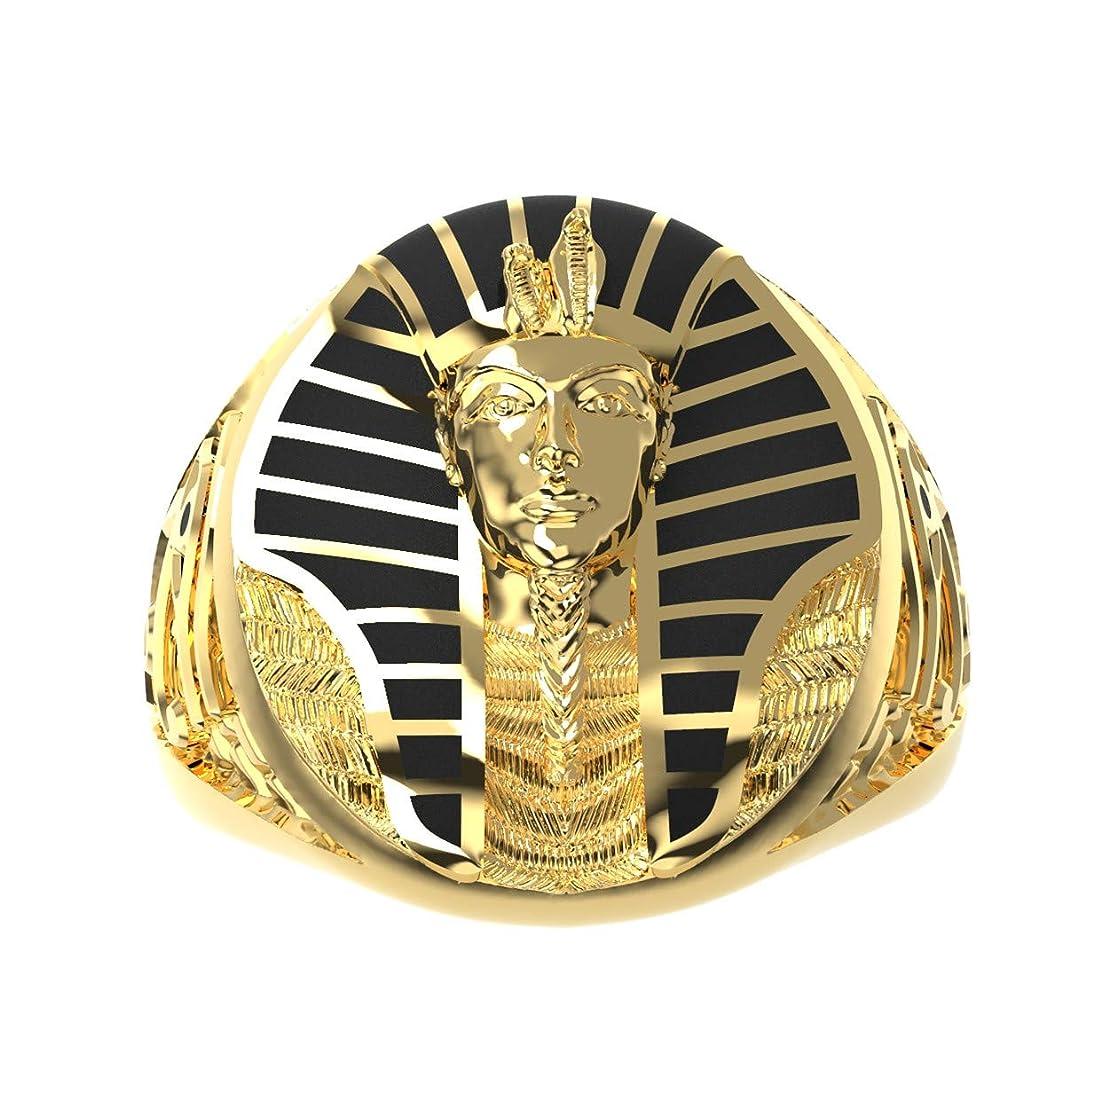 オートメーションフランクワースリーどちらもeejart ステンレススチール ゴールデン ビンテージ スフィンクス ジュエリー エジプト ファラオ リング ビンテージ パンクバイカー メンズジュエリー ゴールド